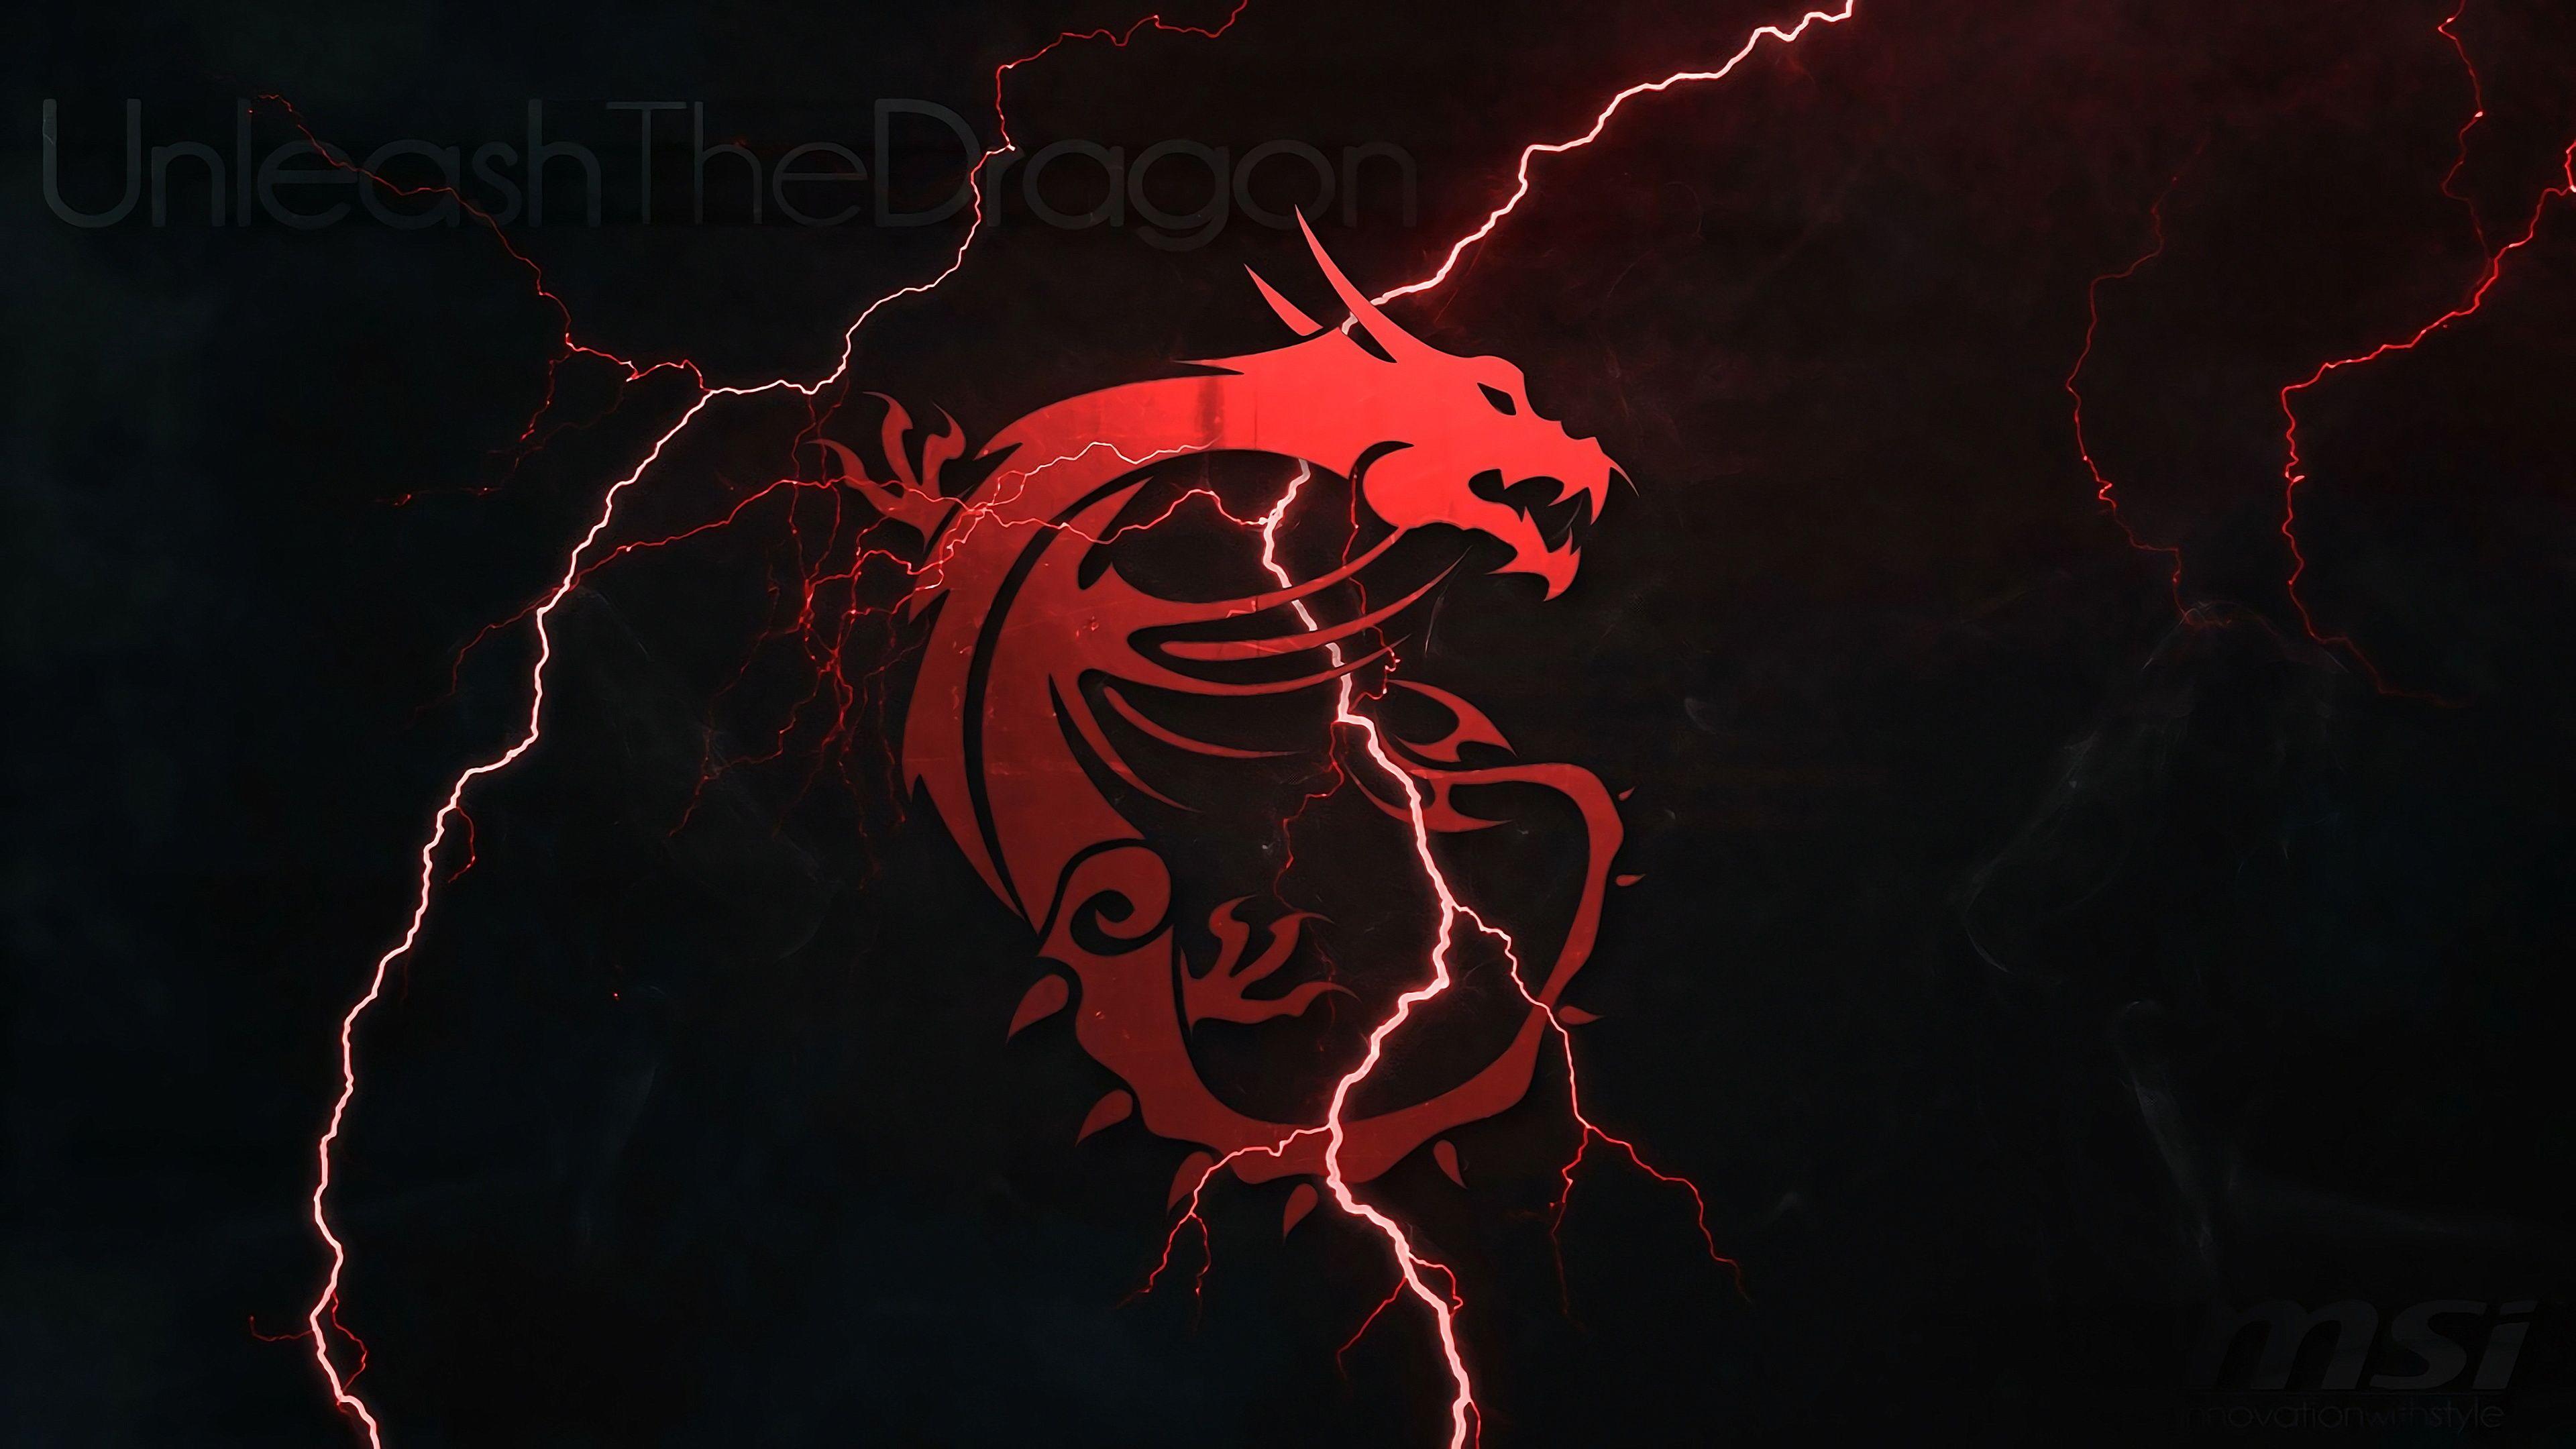 MSI Dragon Logo Lightning 4k wallpaper MSi Pinterest